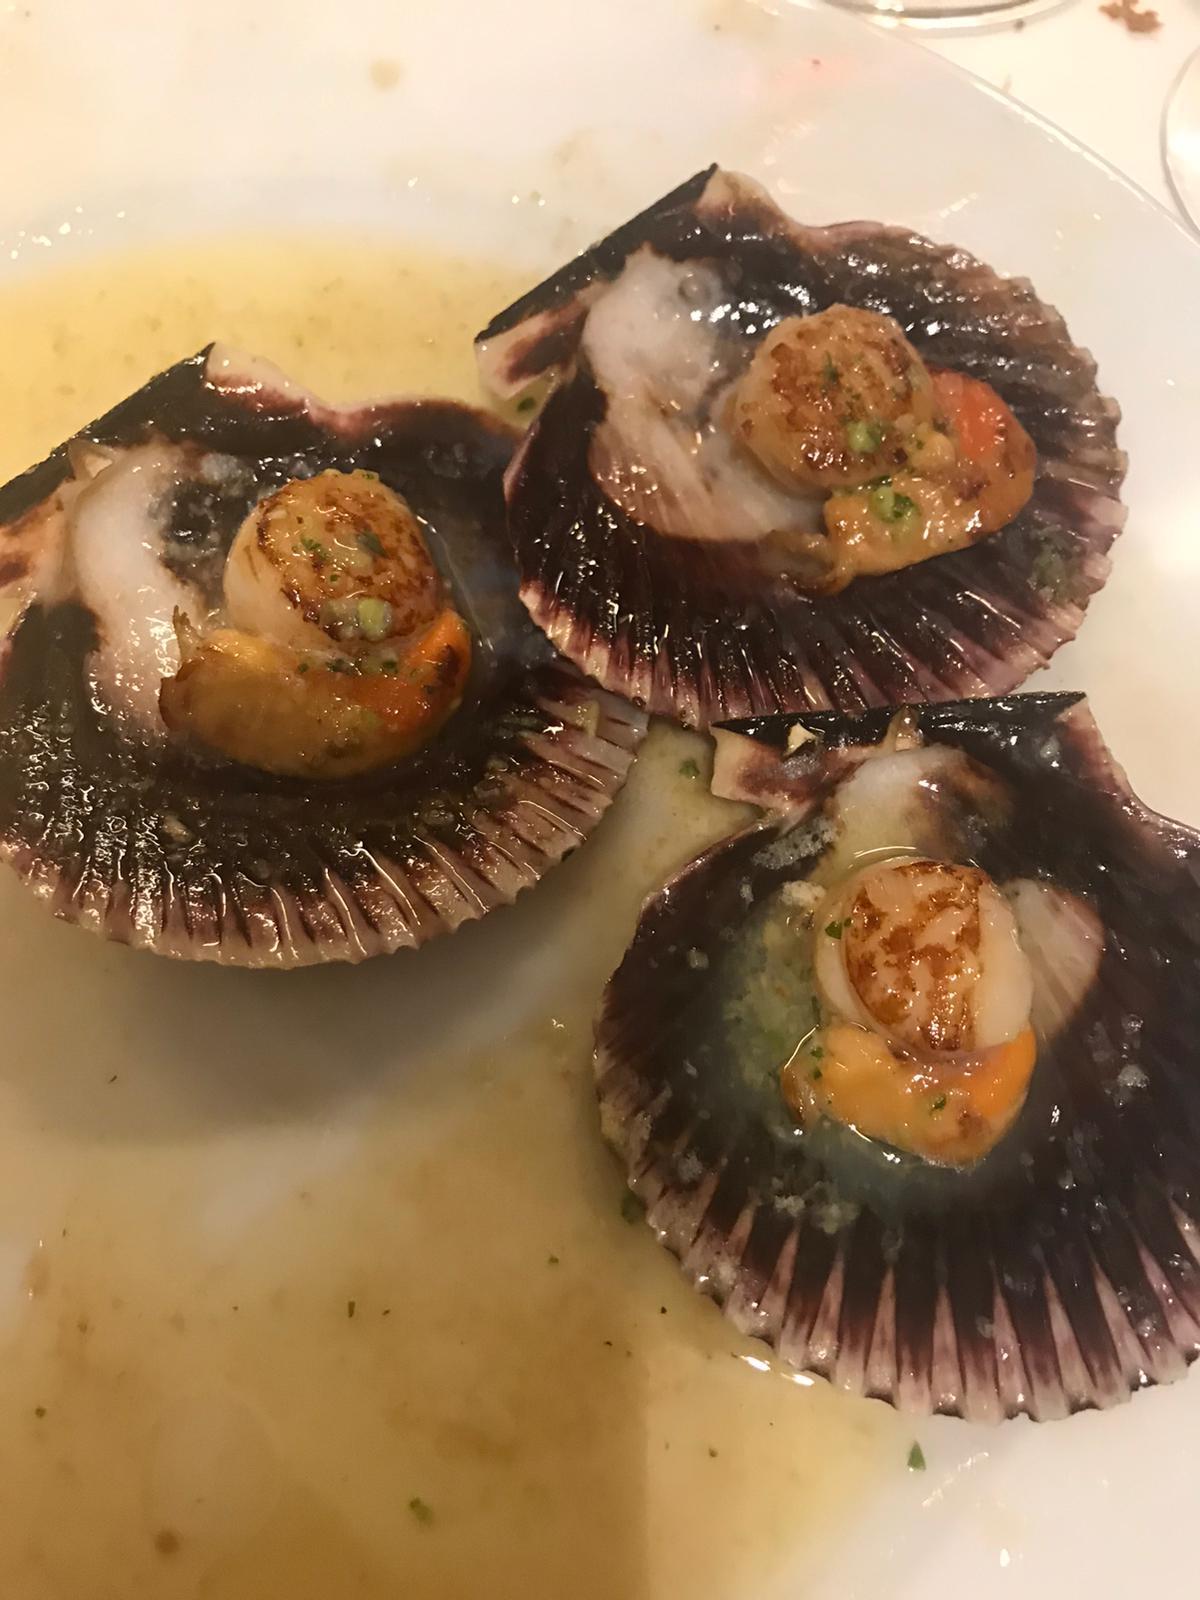 Reseñas gastronómicas: Mesón El Portiel 7